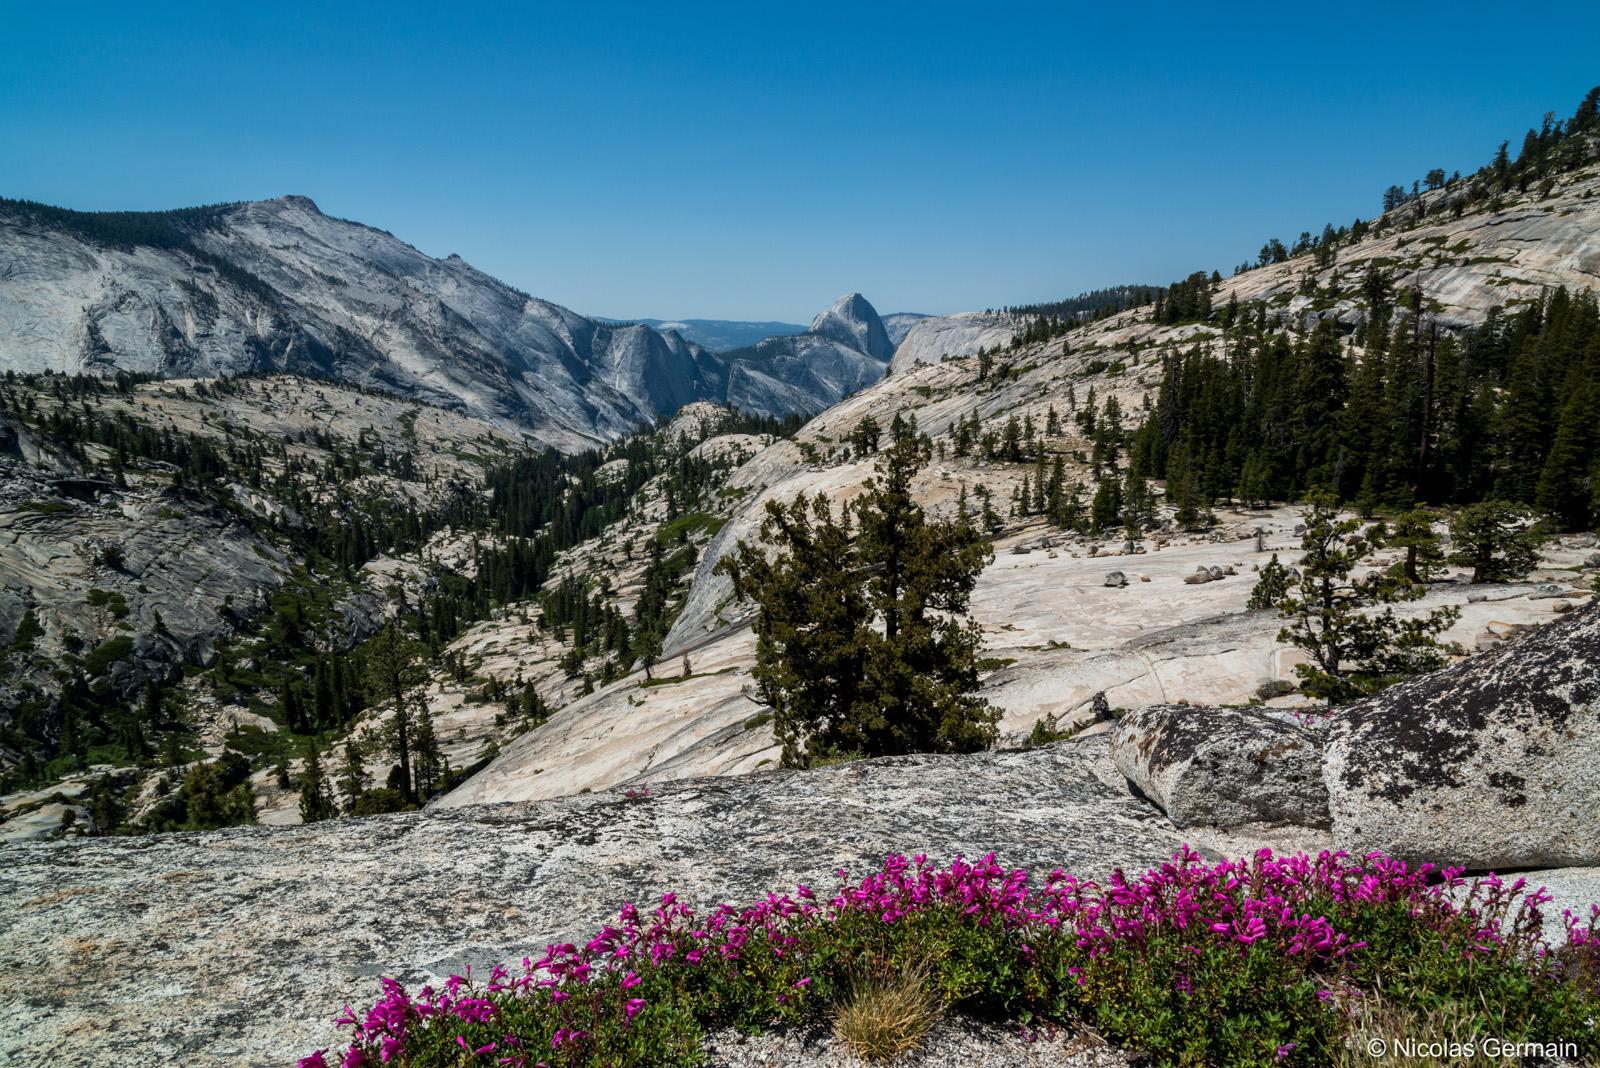 Paysage de Yosemite National Park et Half Dome dans le fond vus de Olmsted Point, Californie